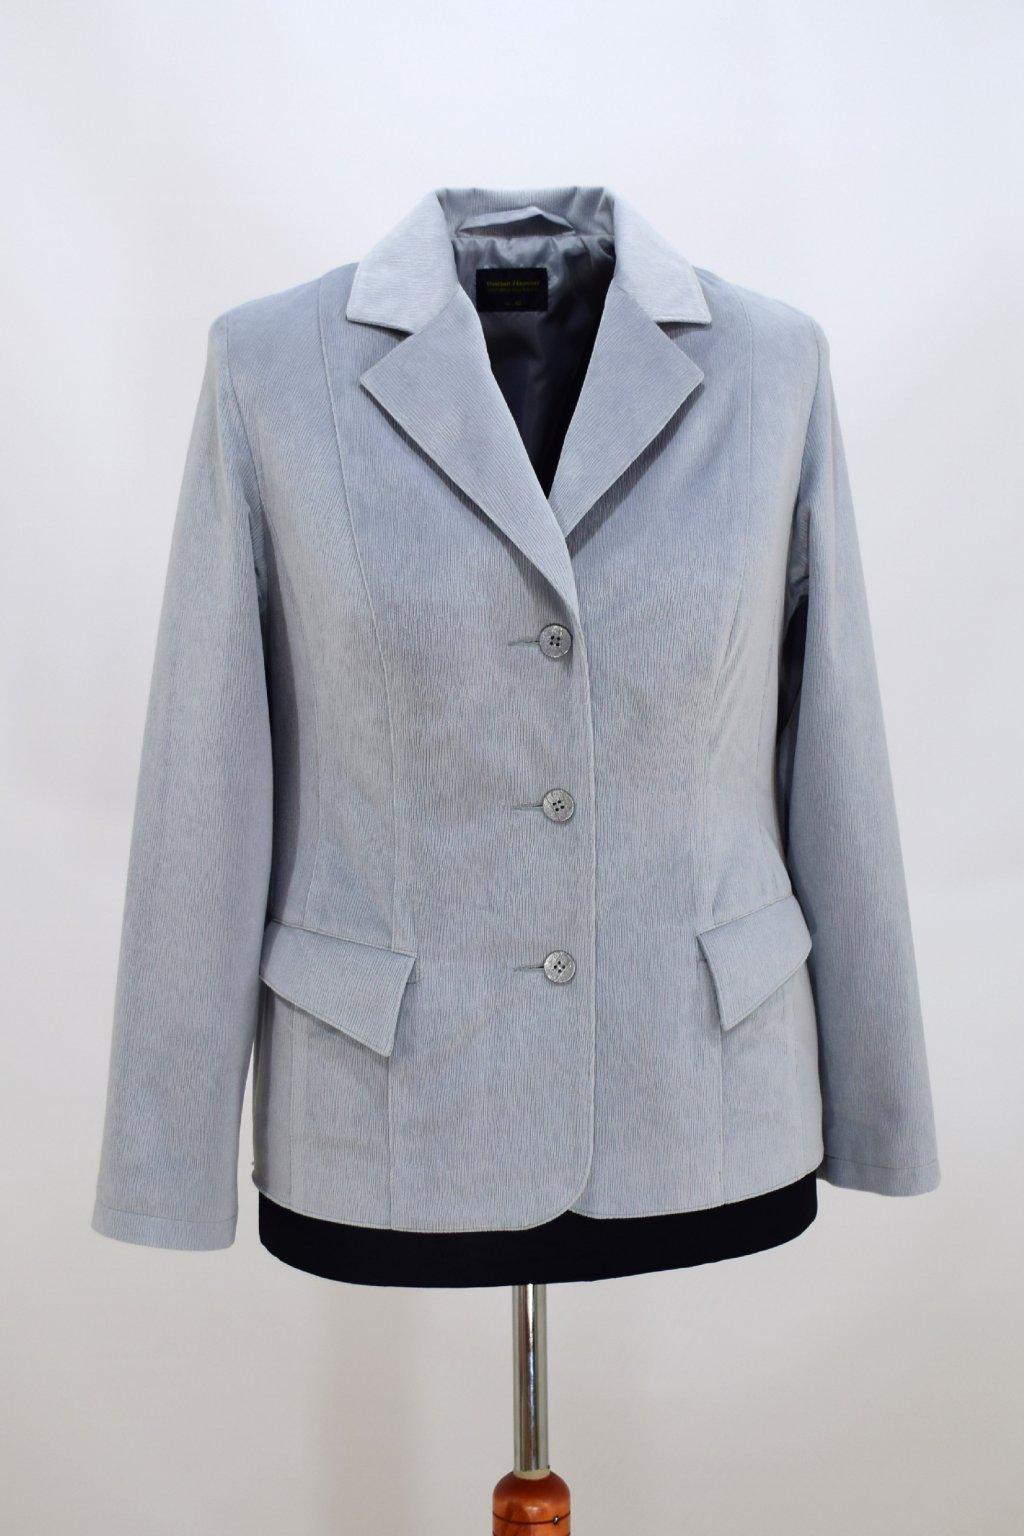 Dámské šedé sako Manon - sametový vzhled.